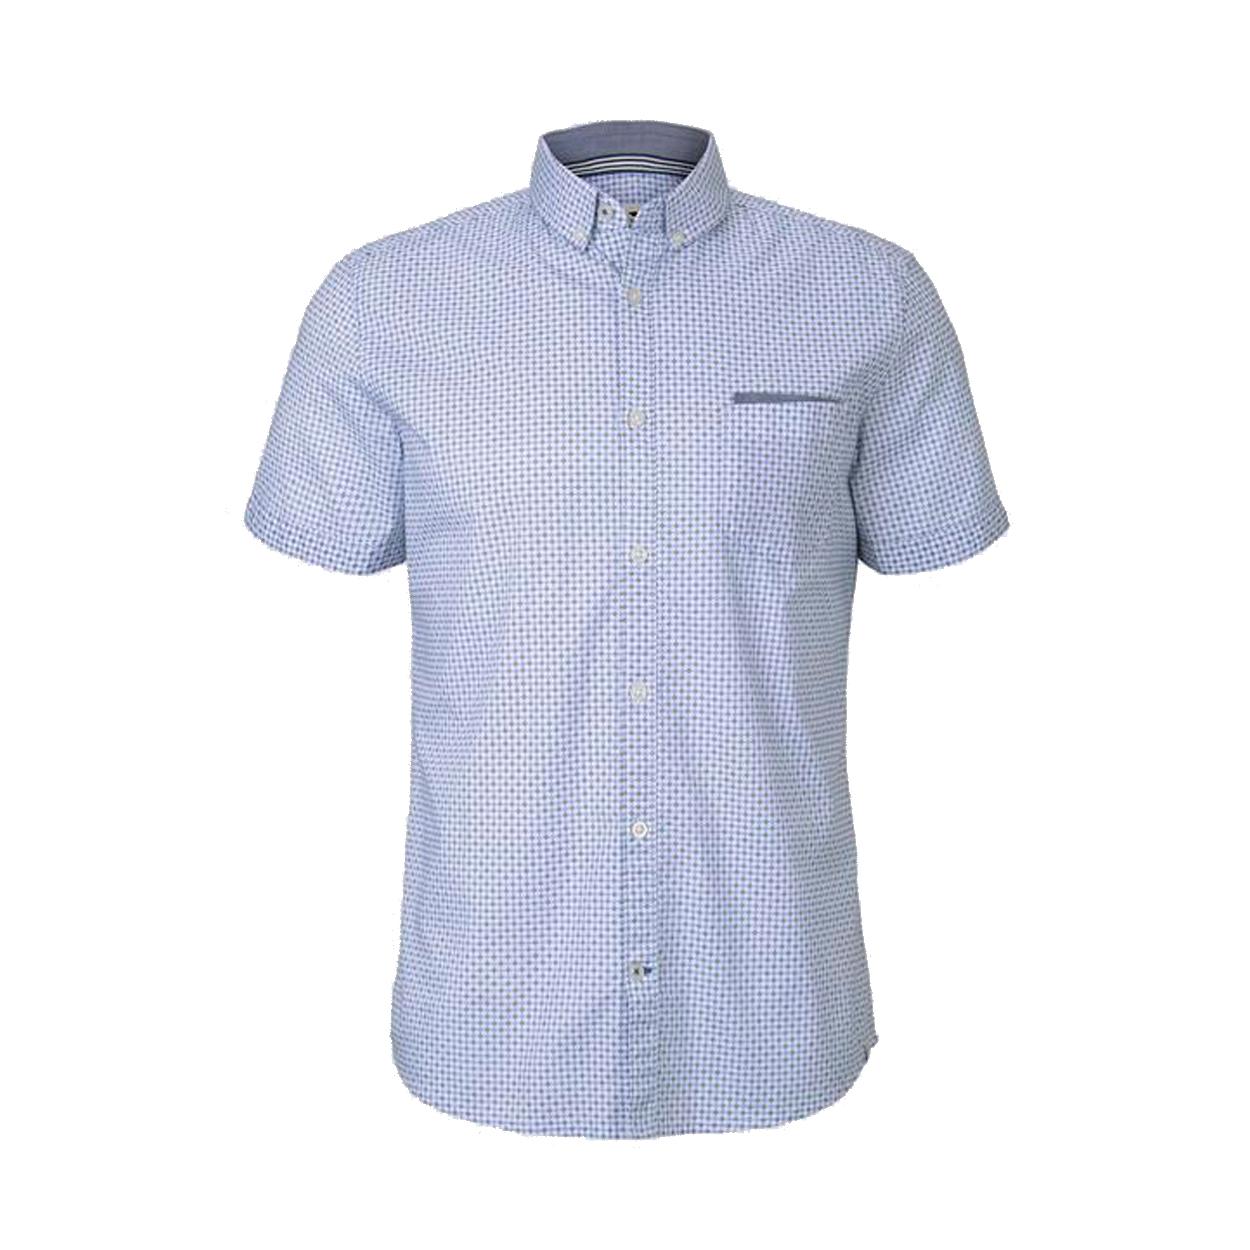 Chemise ajustée manches courtes  en coton stretch blanc à micros motifs bleu ciel et noirs